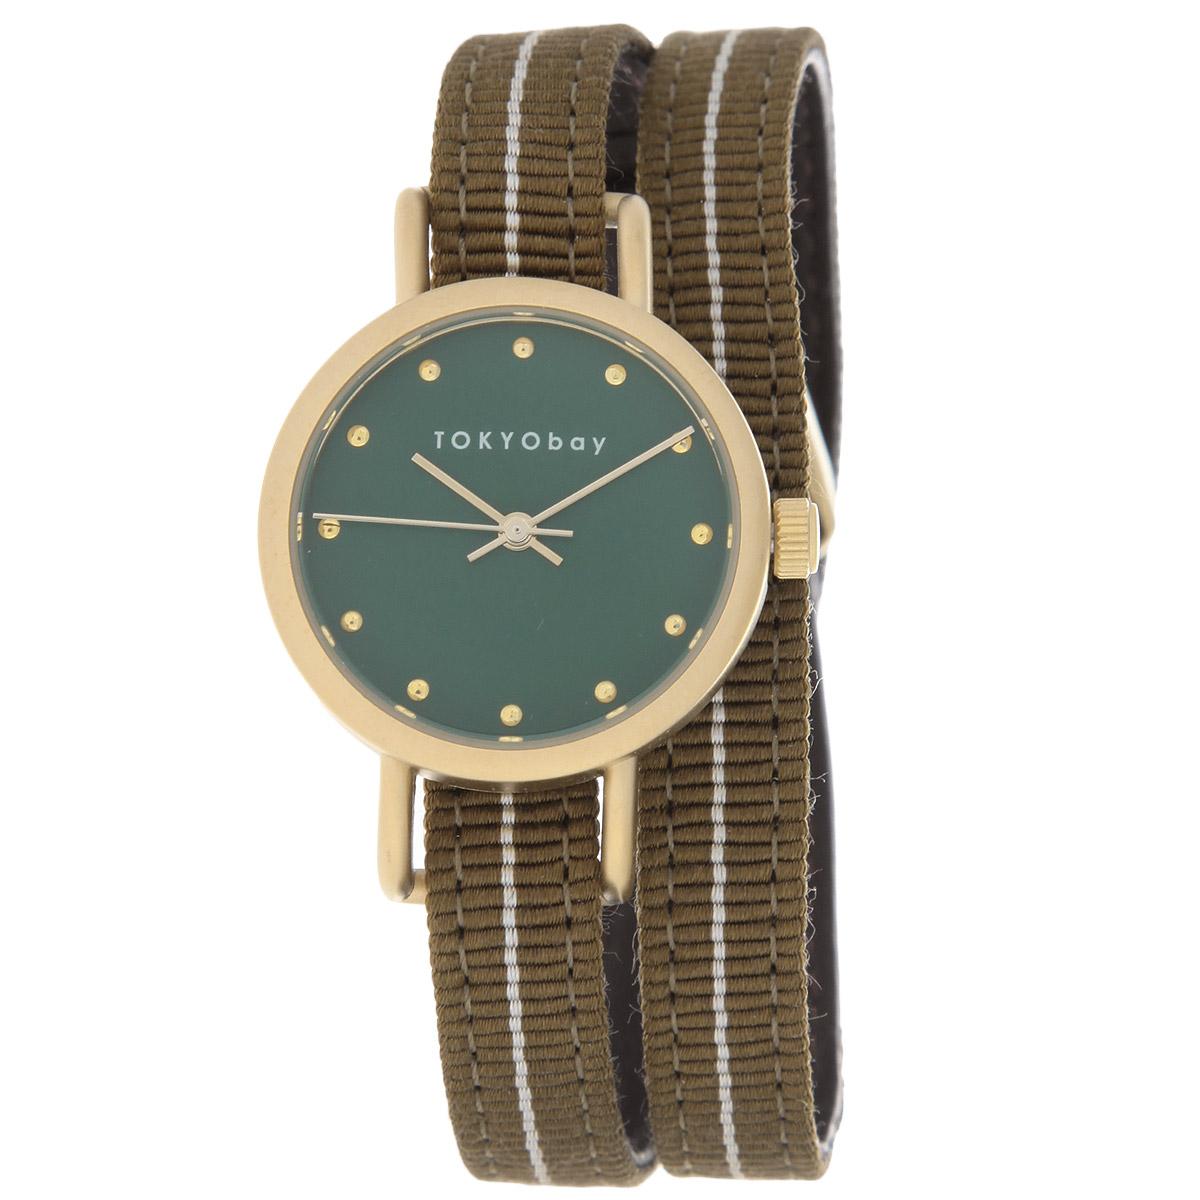 Часы женские наручные Tokyobay Obi, цвет: коричневый, зеленый. T233-BRT233-BRНаручные часы Tokyobay Obi - это стильное дополнение к вашему неповторимому образу. Эти часы созданы для современных девушек, ценящих стиль, качество и практичность. Часы оснащены японским кварцевым механизмом Miyota. Корпус круглой формы выполнен из сплава металлов, не содержащего никель. Задняя крышка изготовлена из нержавеющей стали. Циферблат оформлен металлическими отметками, имеет три стрелки - часовую, минутную и секундную. Циферблат защищен ударопрочным оптическим пластиком. Ремешок выполнен из натуральной кожи и плотного текстиля, застегивается на классическую застежку. Часы Tokyobay - это практичный и модный аксессуар, который подчеркнет ваш безупречный вкус. Характеристики: Корпус: 2,2 х 2,2 х 0,7 см. Размер ремешка: 37 х 0,8 см. Не содержит никель. Не водостойкие.